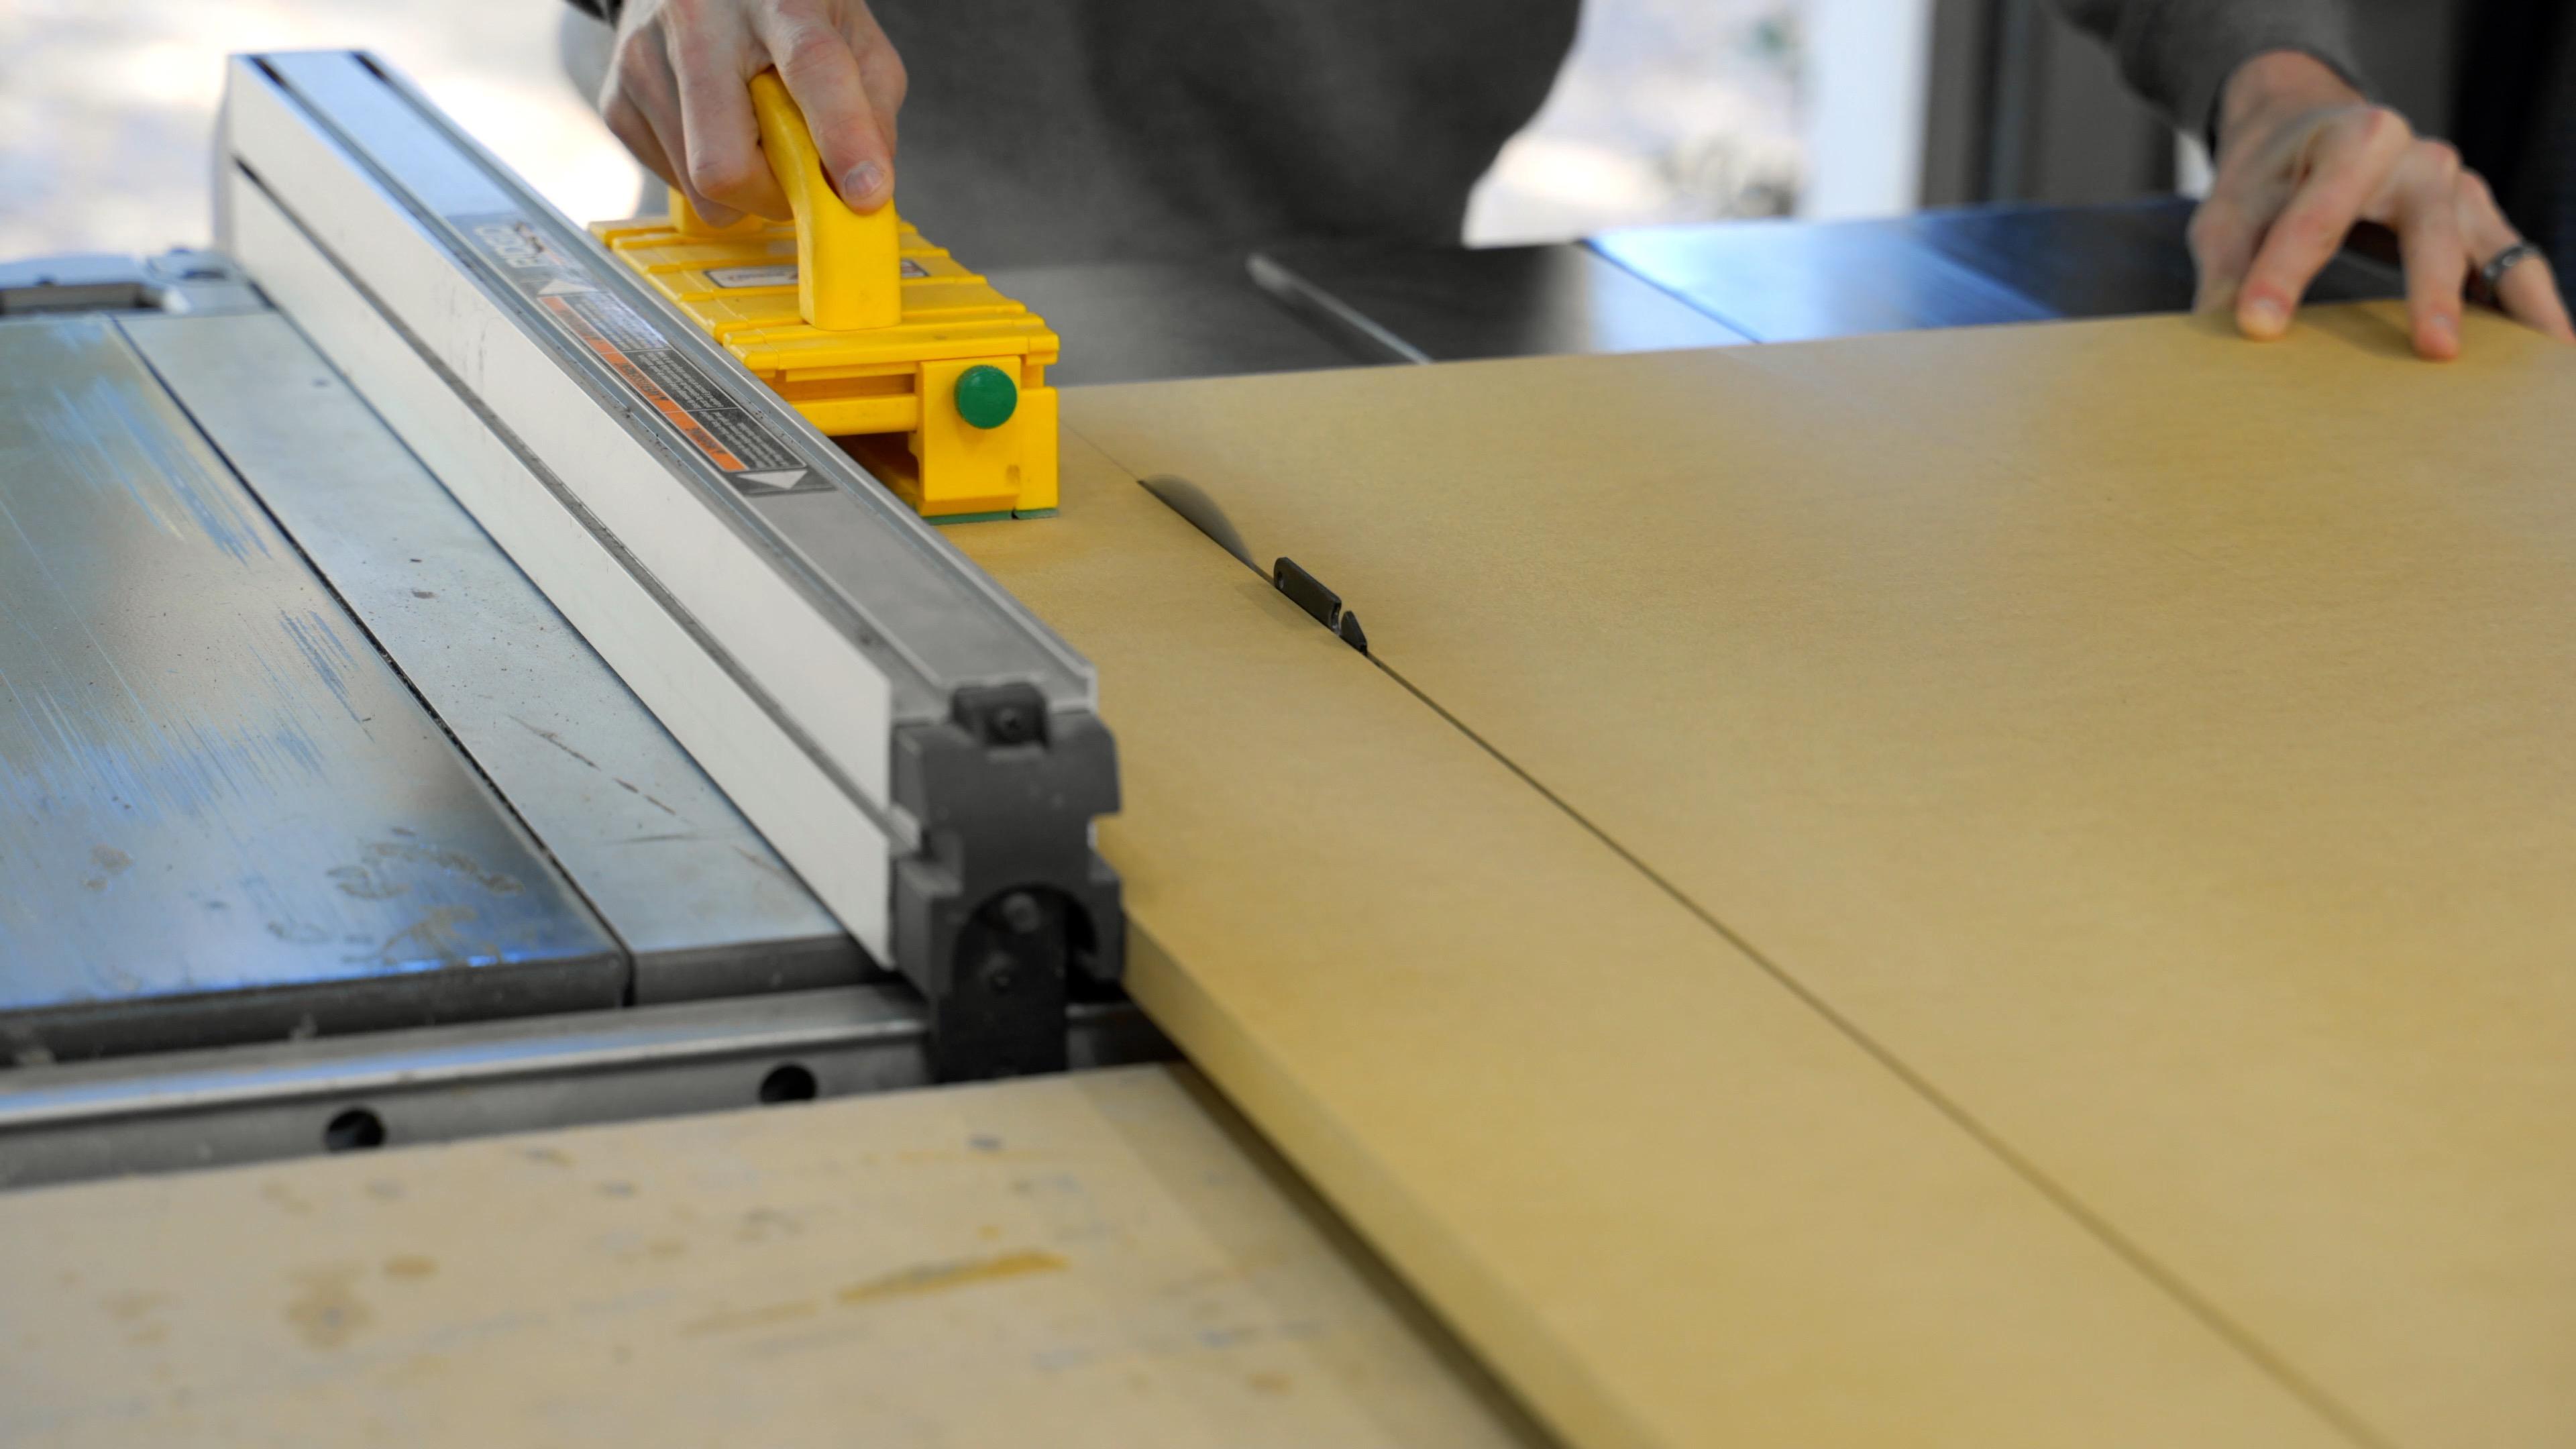 Cut MDF on table saw